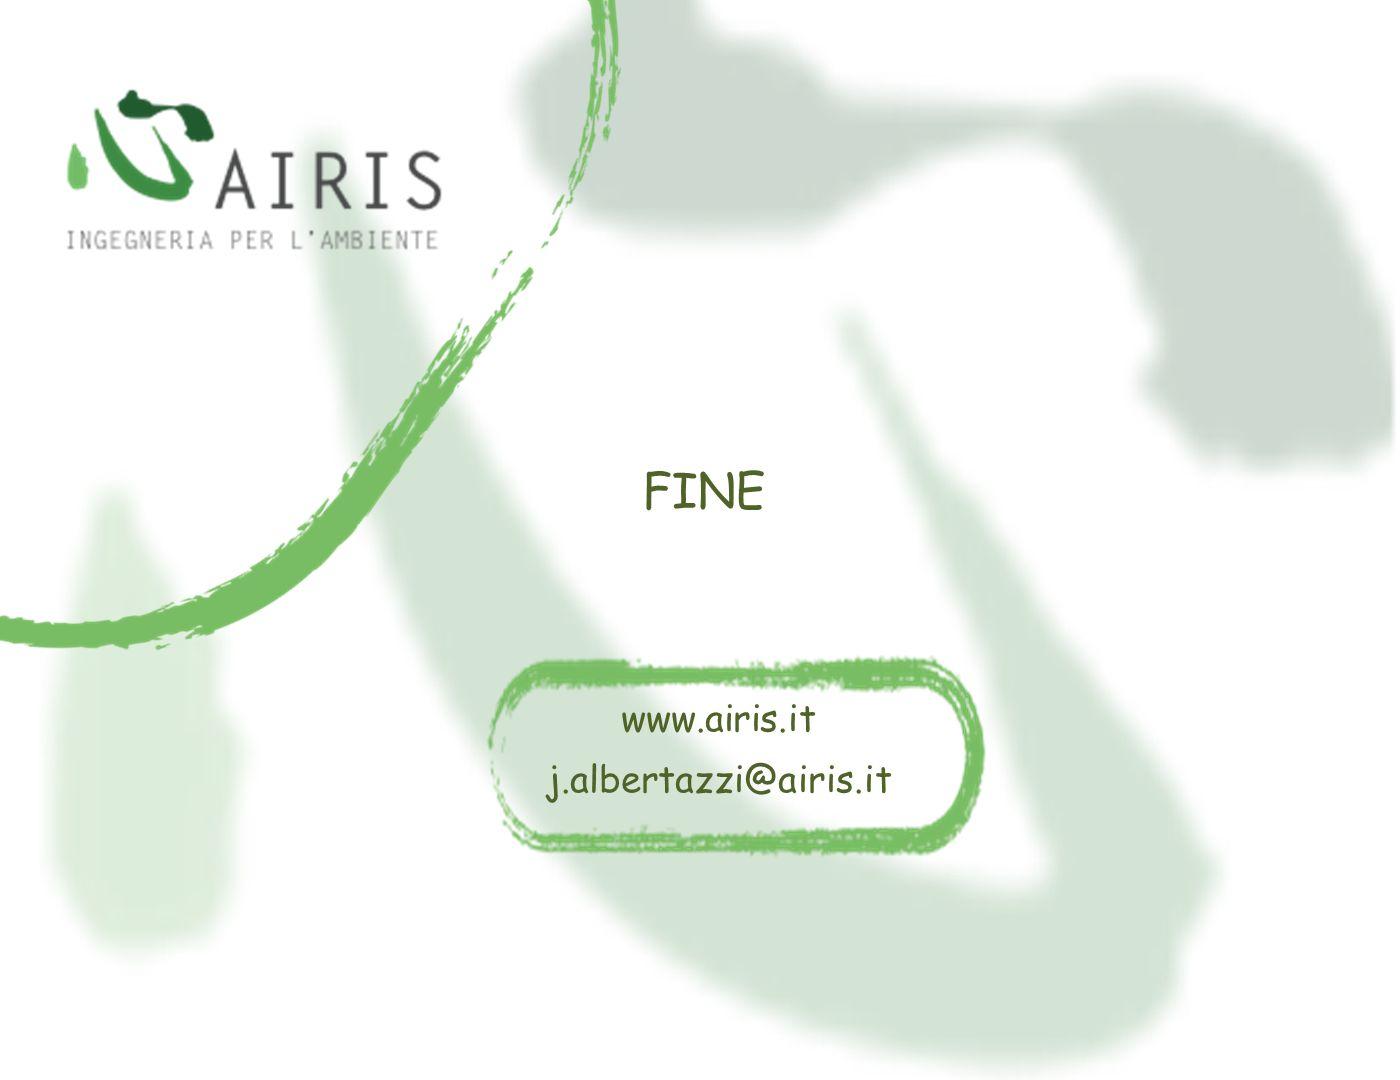 FINE www.airis.it j.albertazzi@airis.it